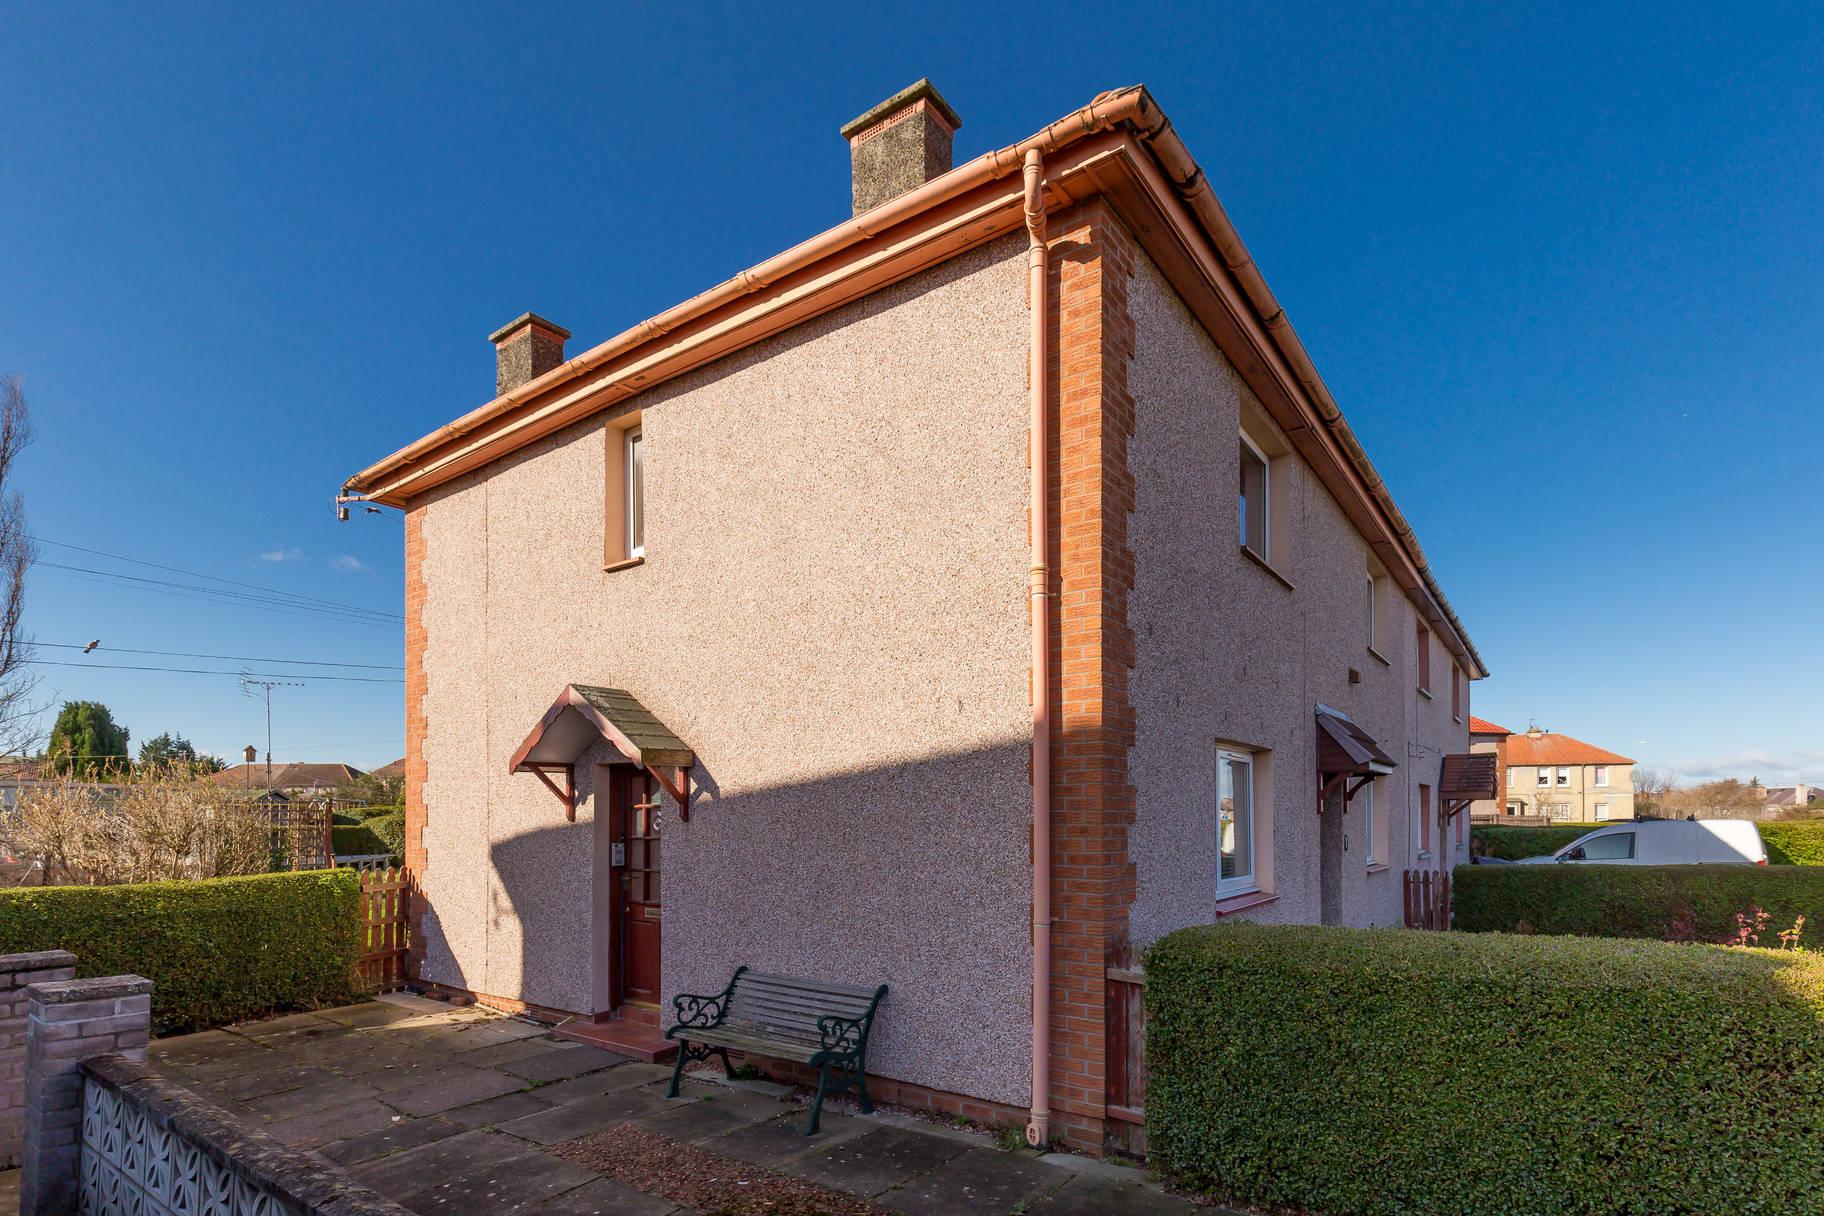 89 Findlay Gardens, Craigentinny, Edinburgh, EH7 6HQ